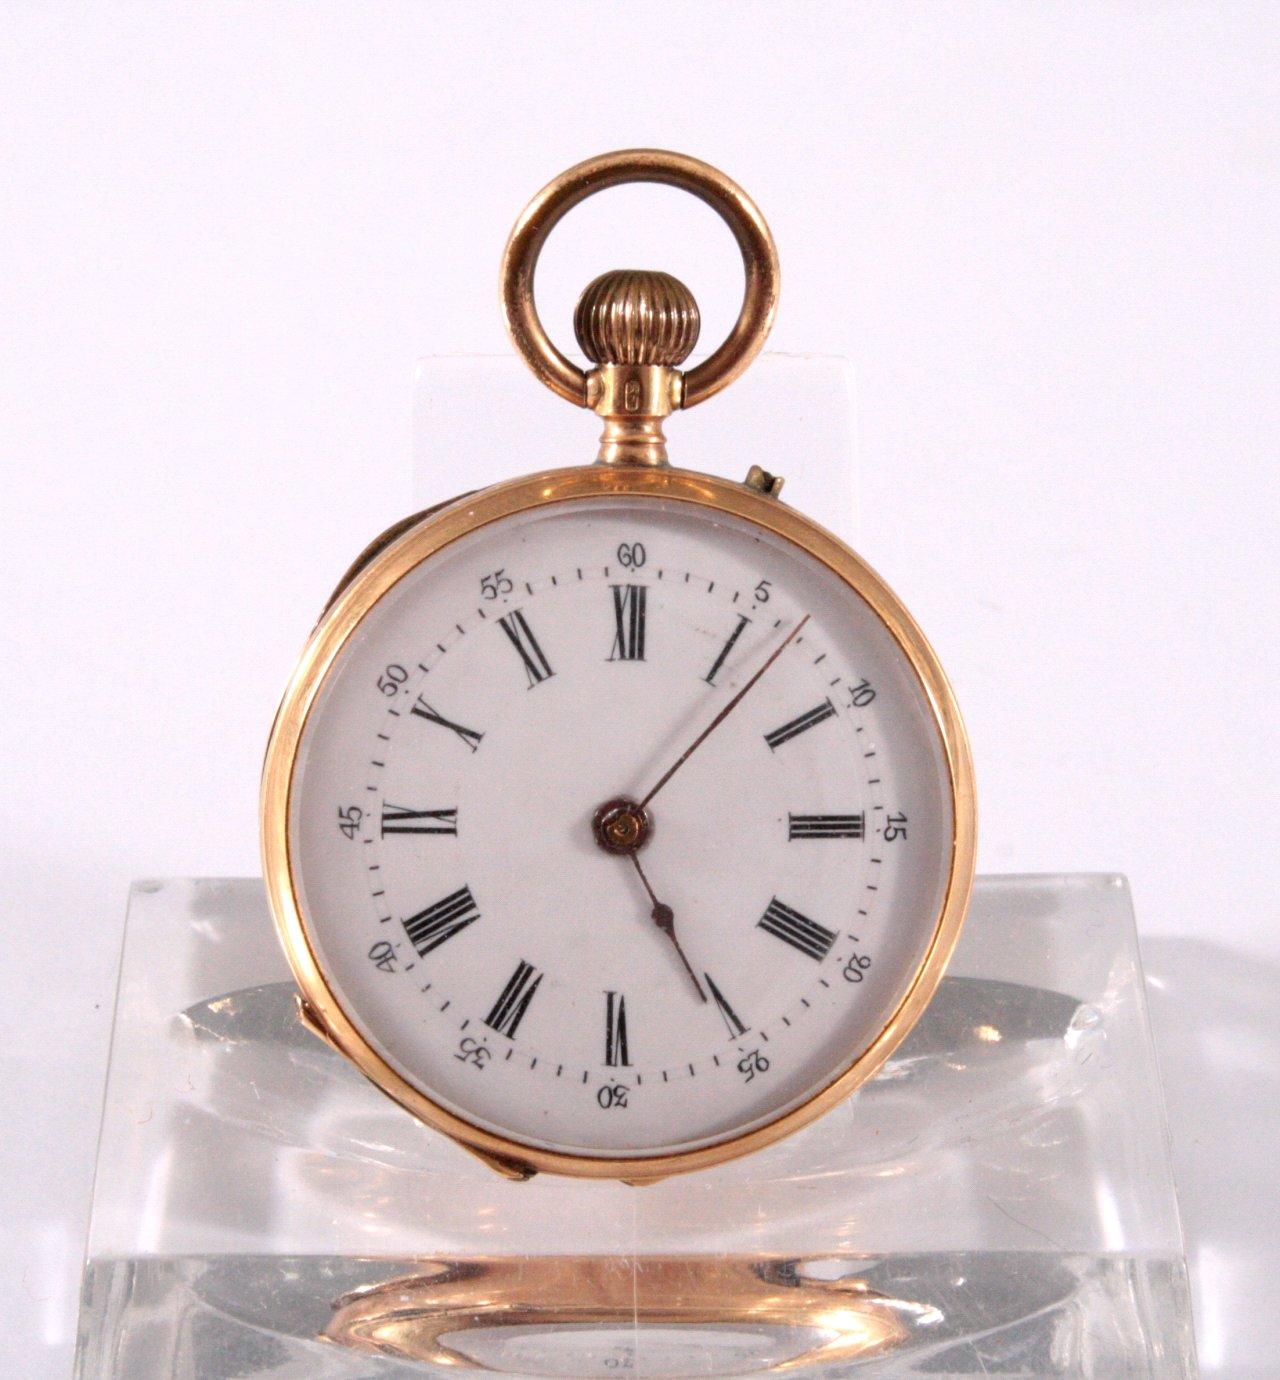 Offene Damentaschenuhr um 1900, 585/00 GG